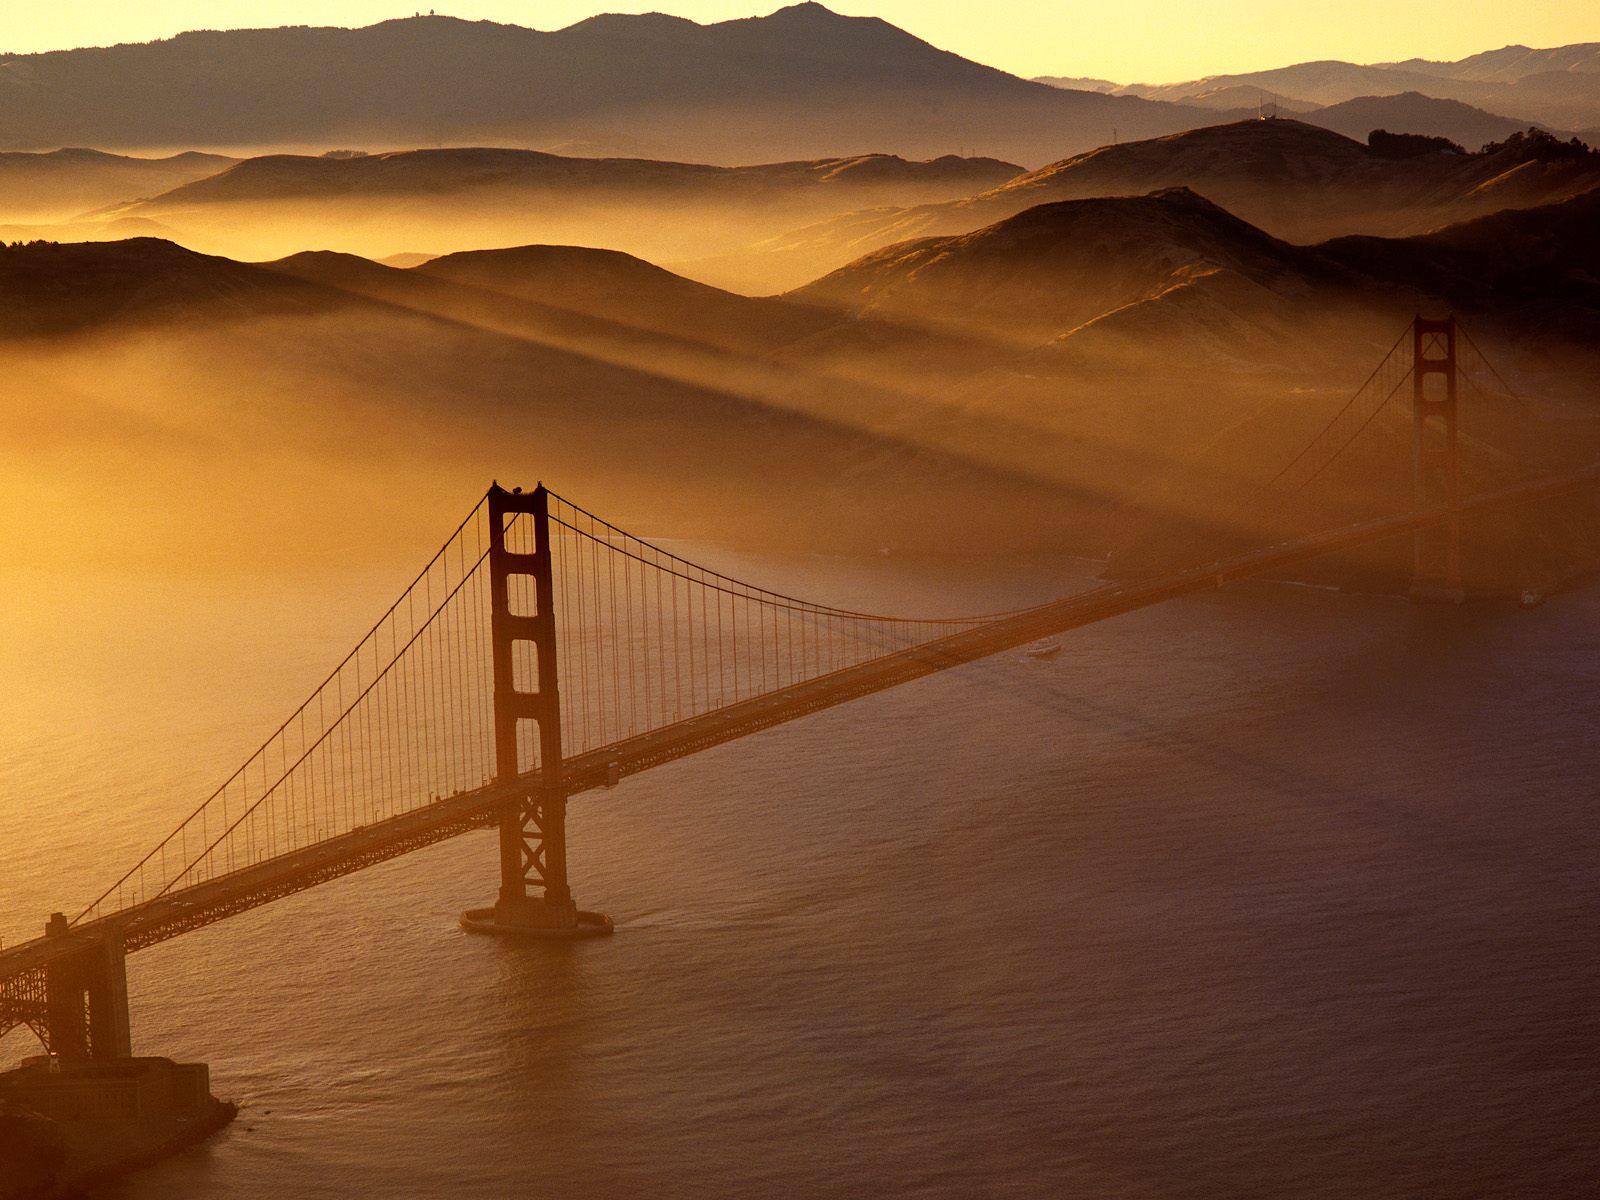 Golden Gate Bridge, Marin Headlands, San Francisco, California